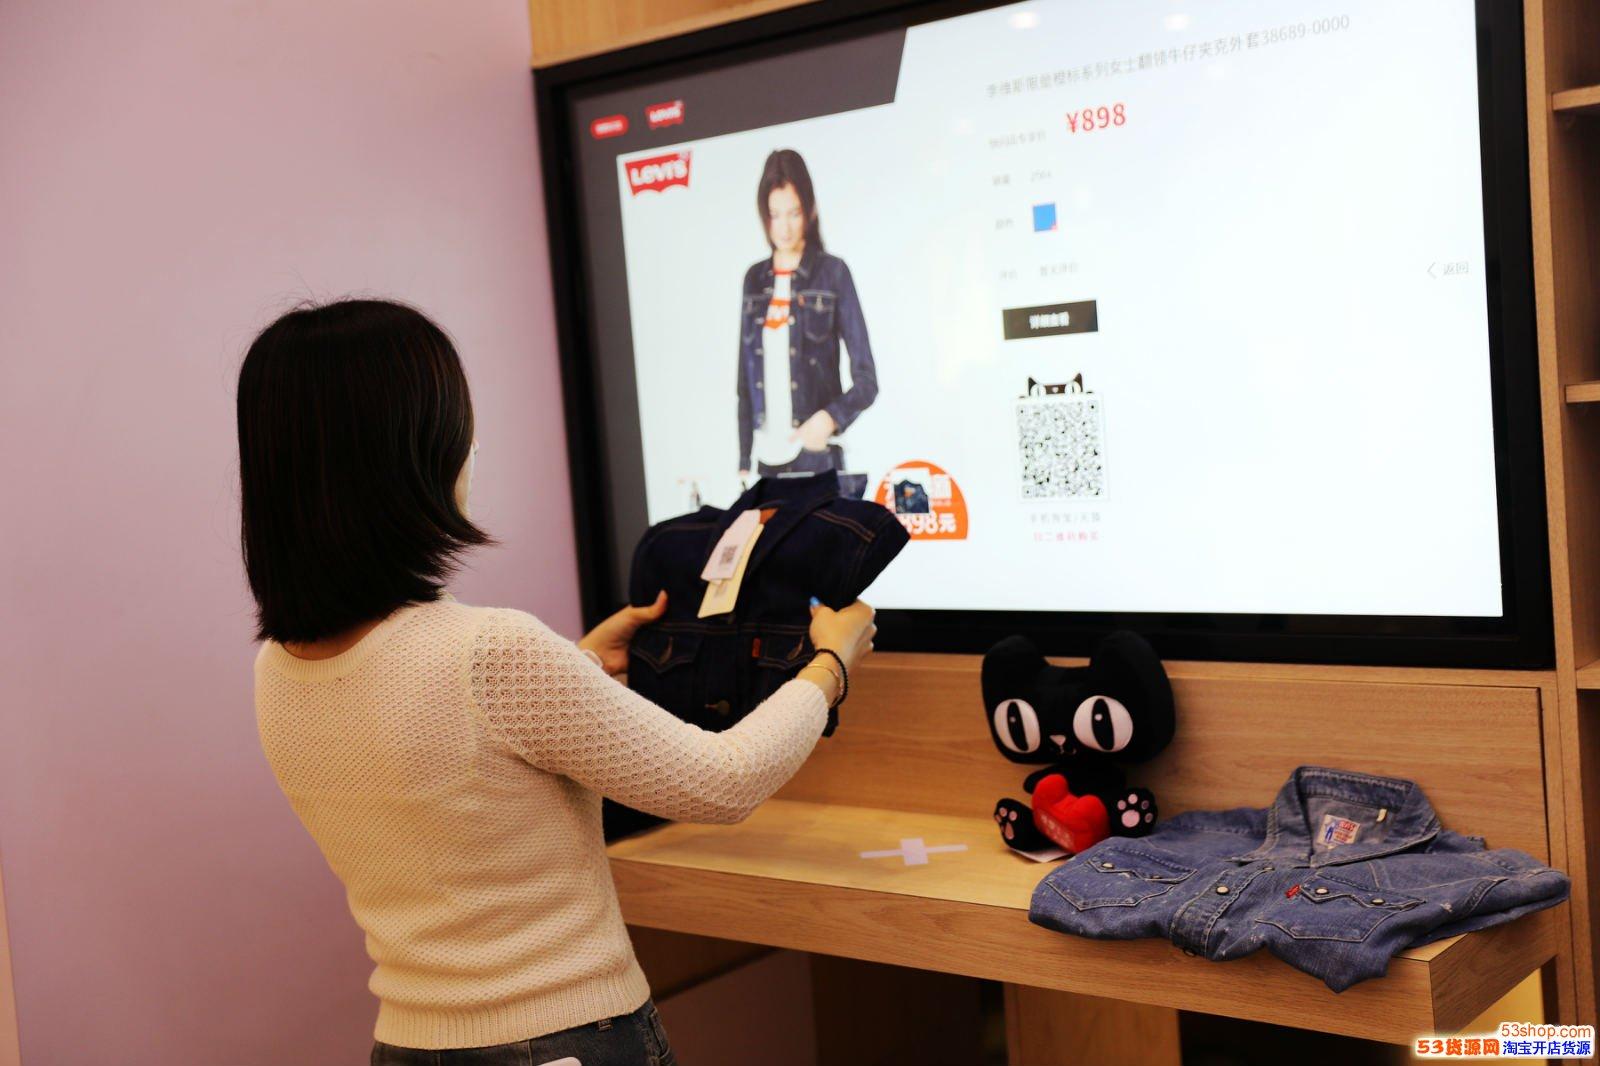 消费者在天猫无人店智慧大屏前查看衣服_meitu_3